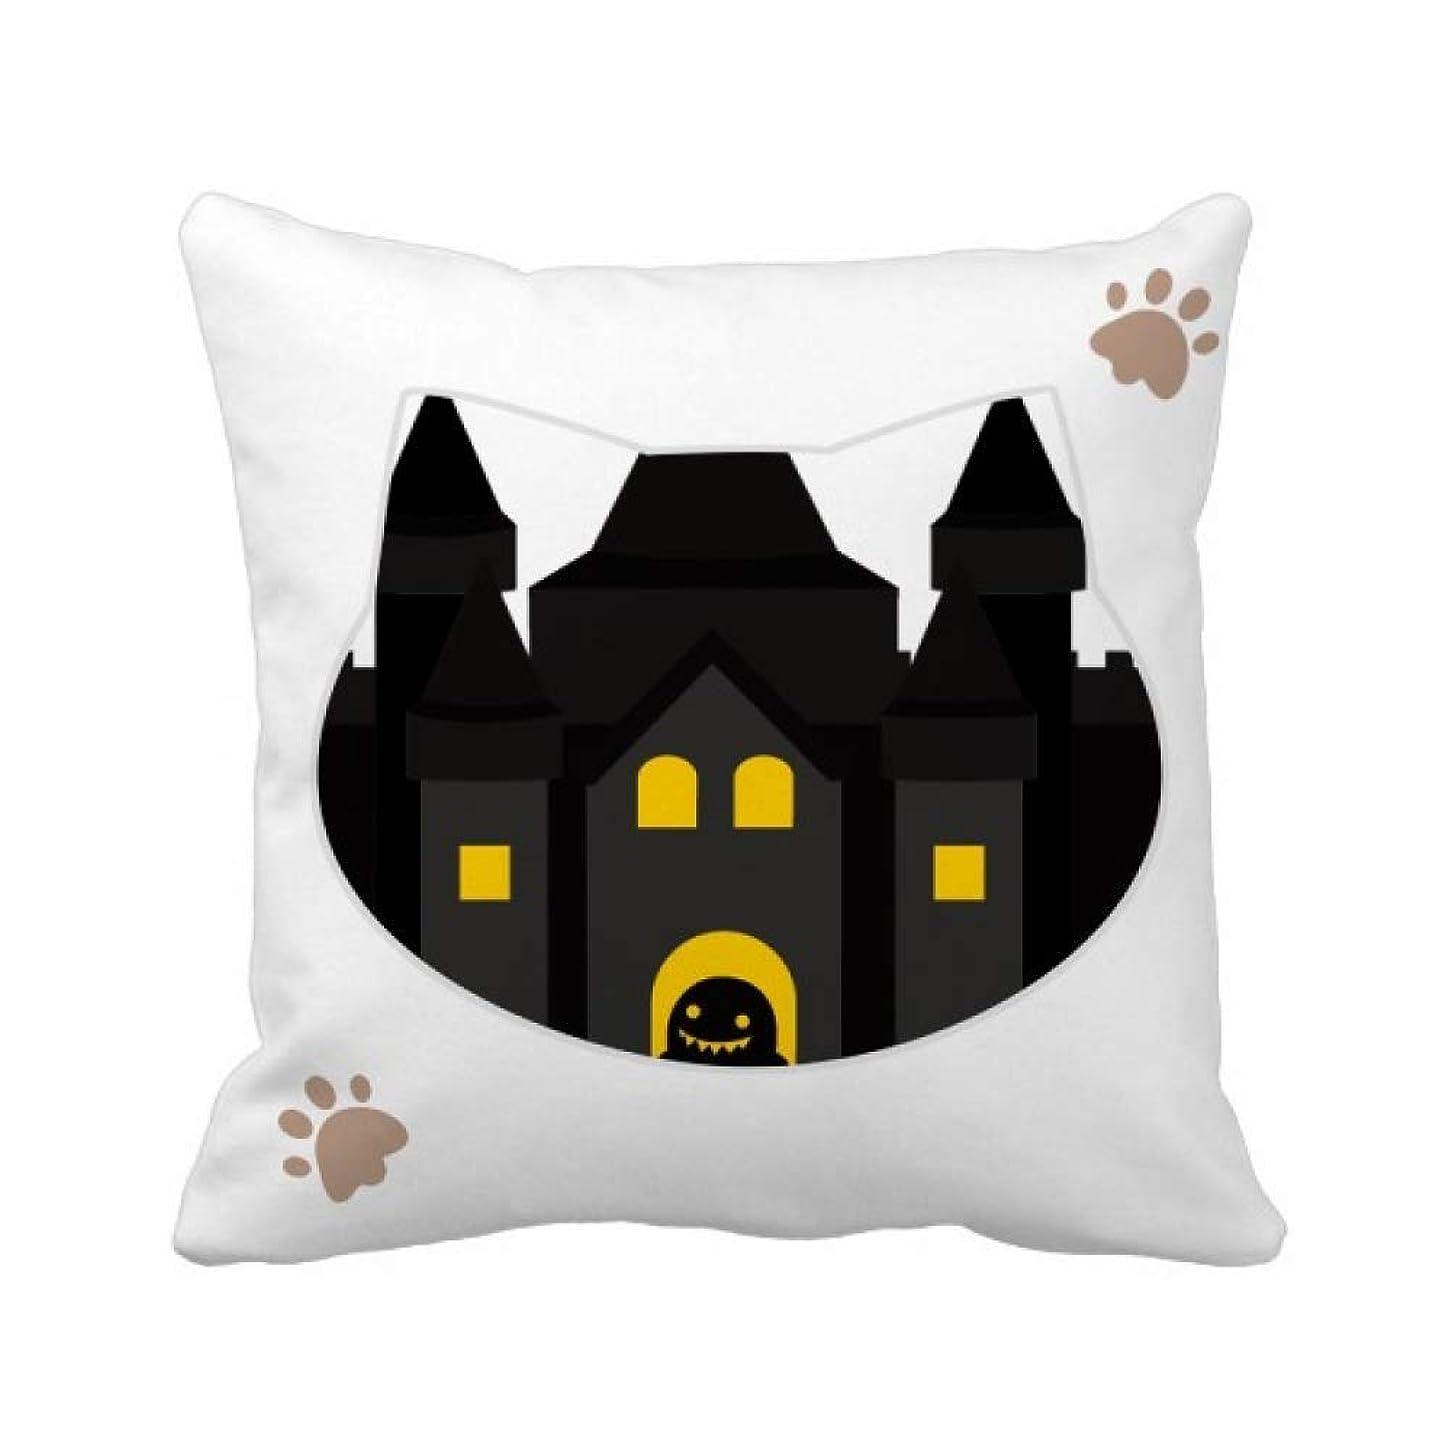 アーティファクトグリット六分儀おとぎ話の城のカラフルなイラスト 枕カバーを放り投げる猫広場 50cm x 50cm